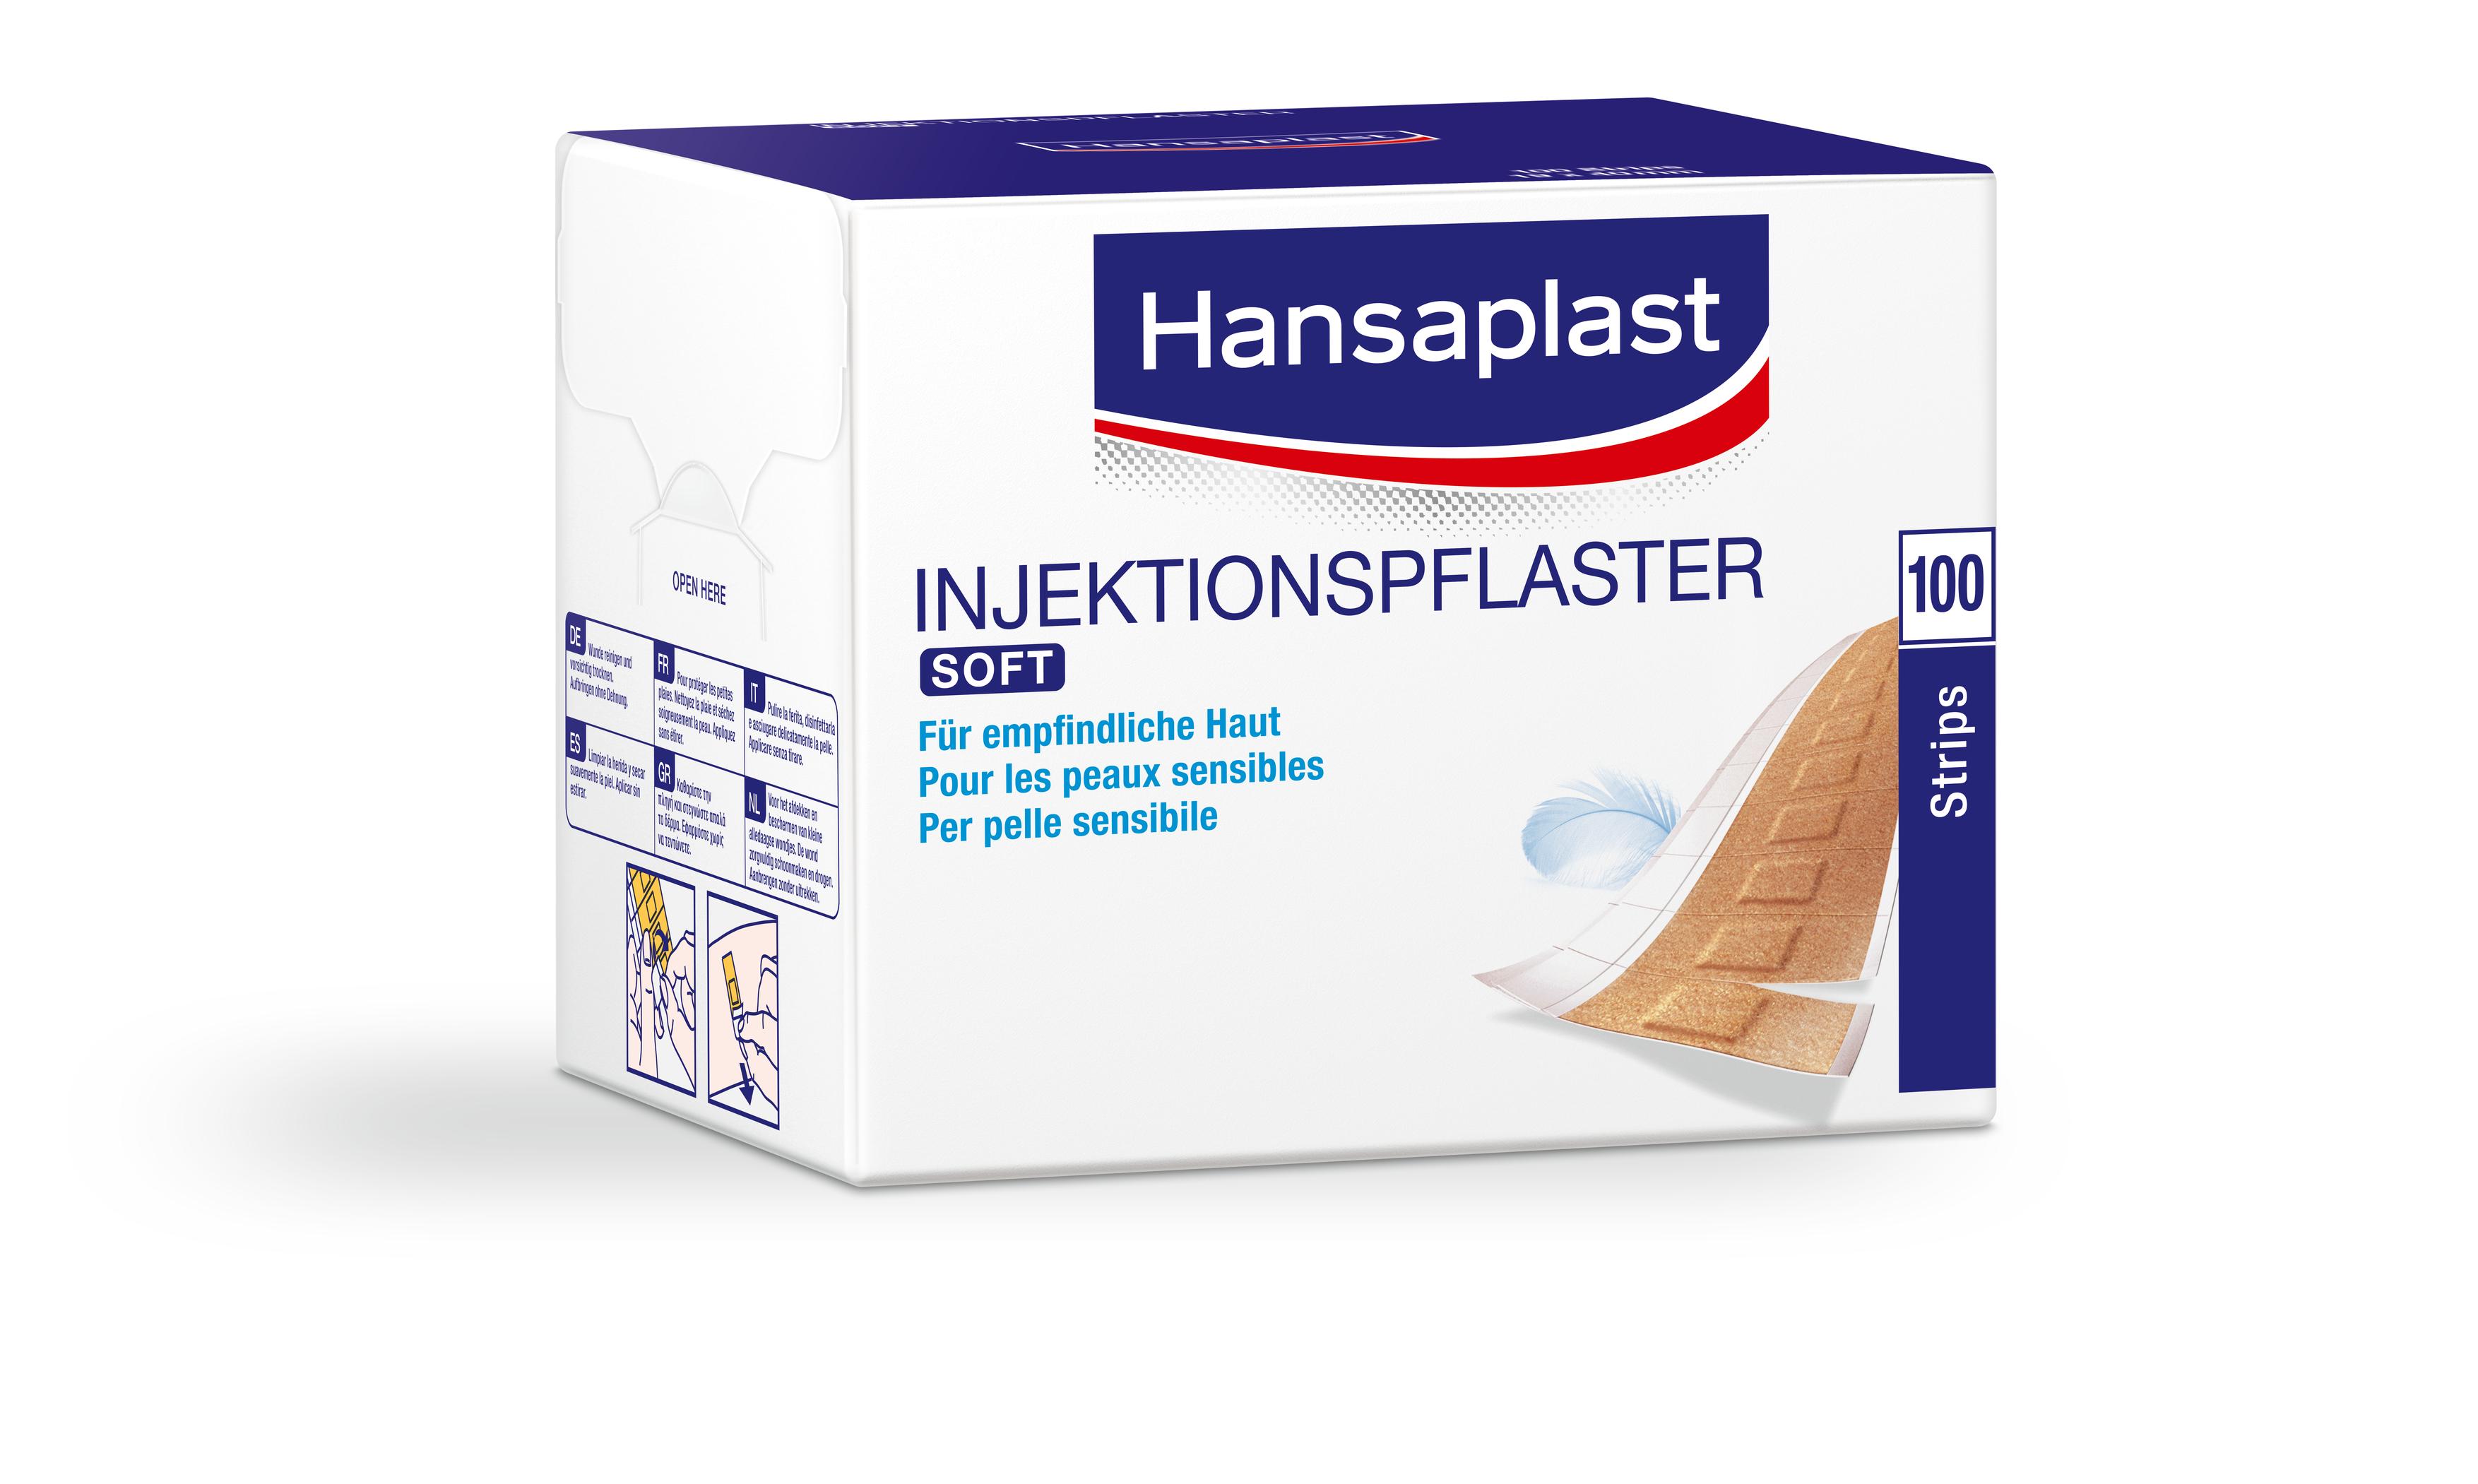 Hansaplast Soft Injektionspflaster 100er Packung, 4x1,9cm